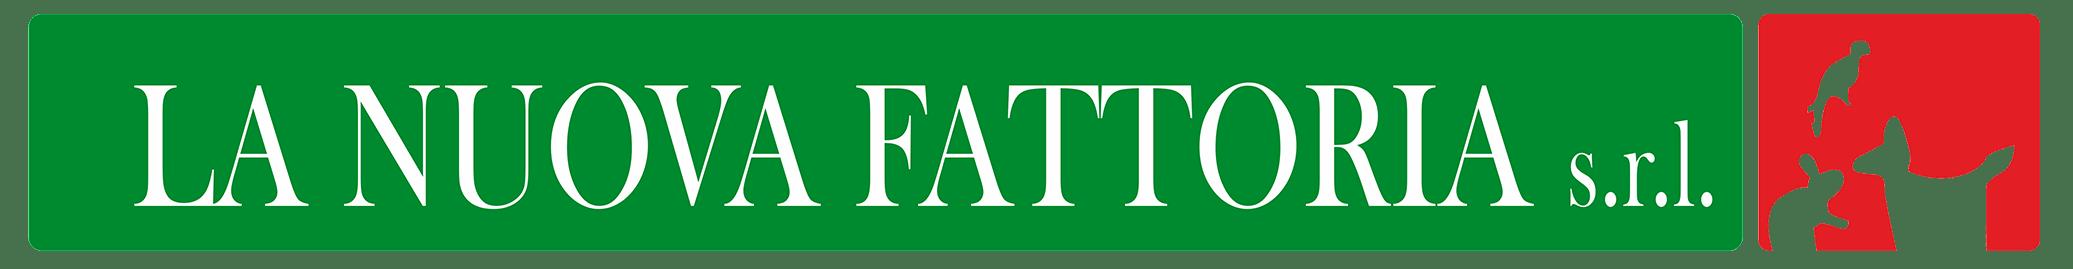 La Nuova Fattoria